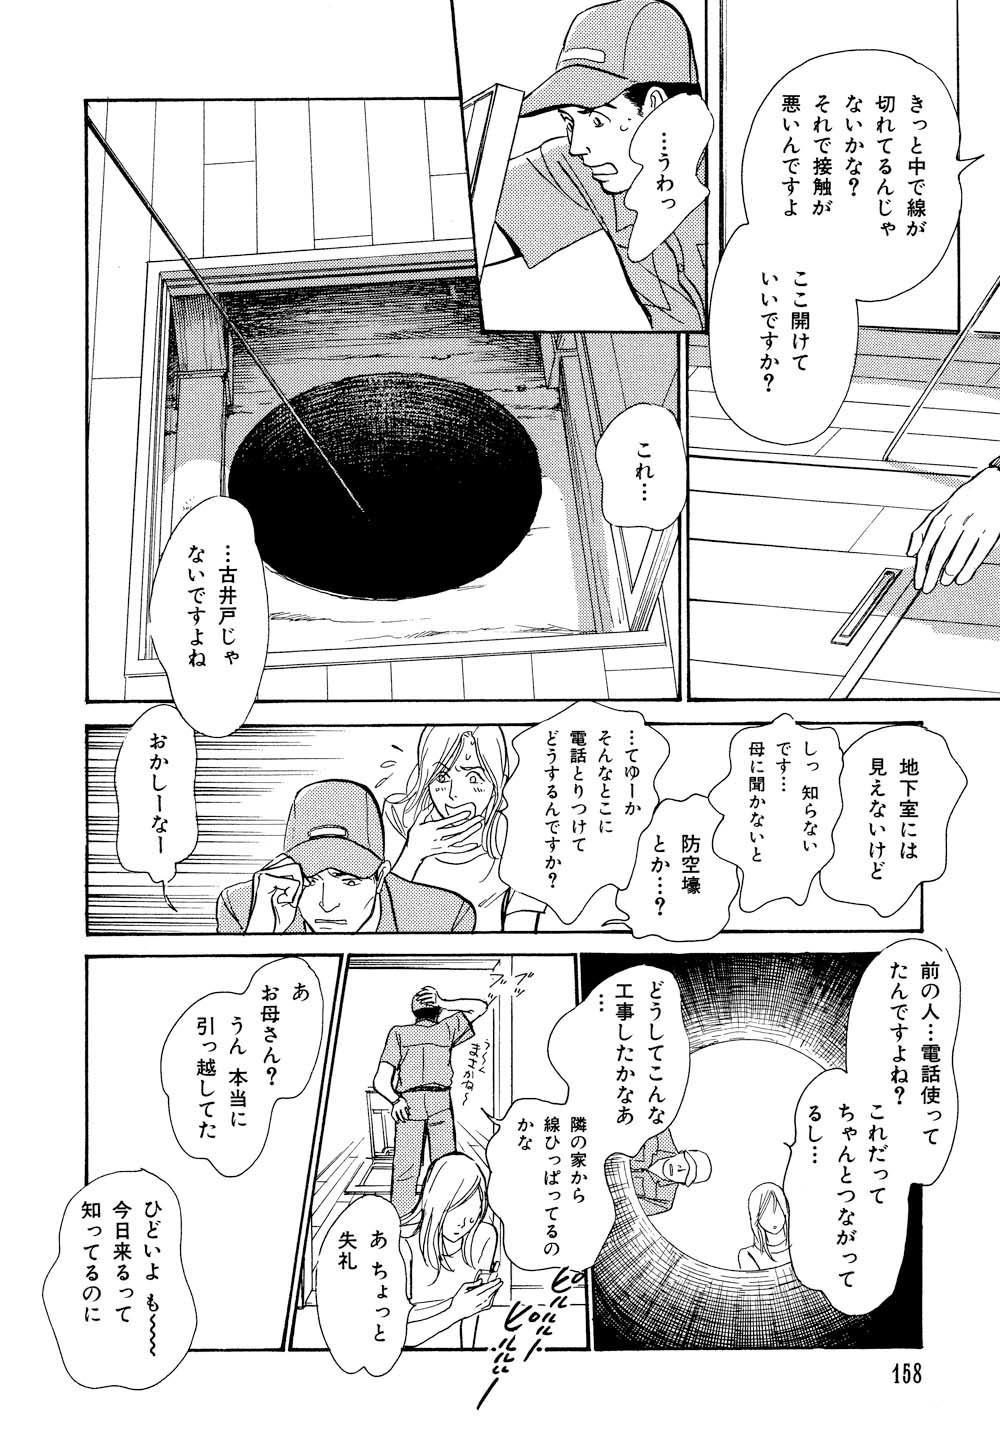 百鬼夜行抄_12_0162.jpg